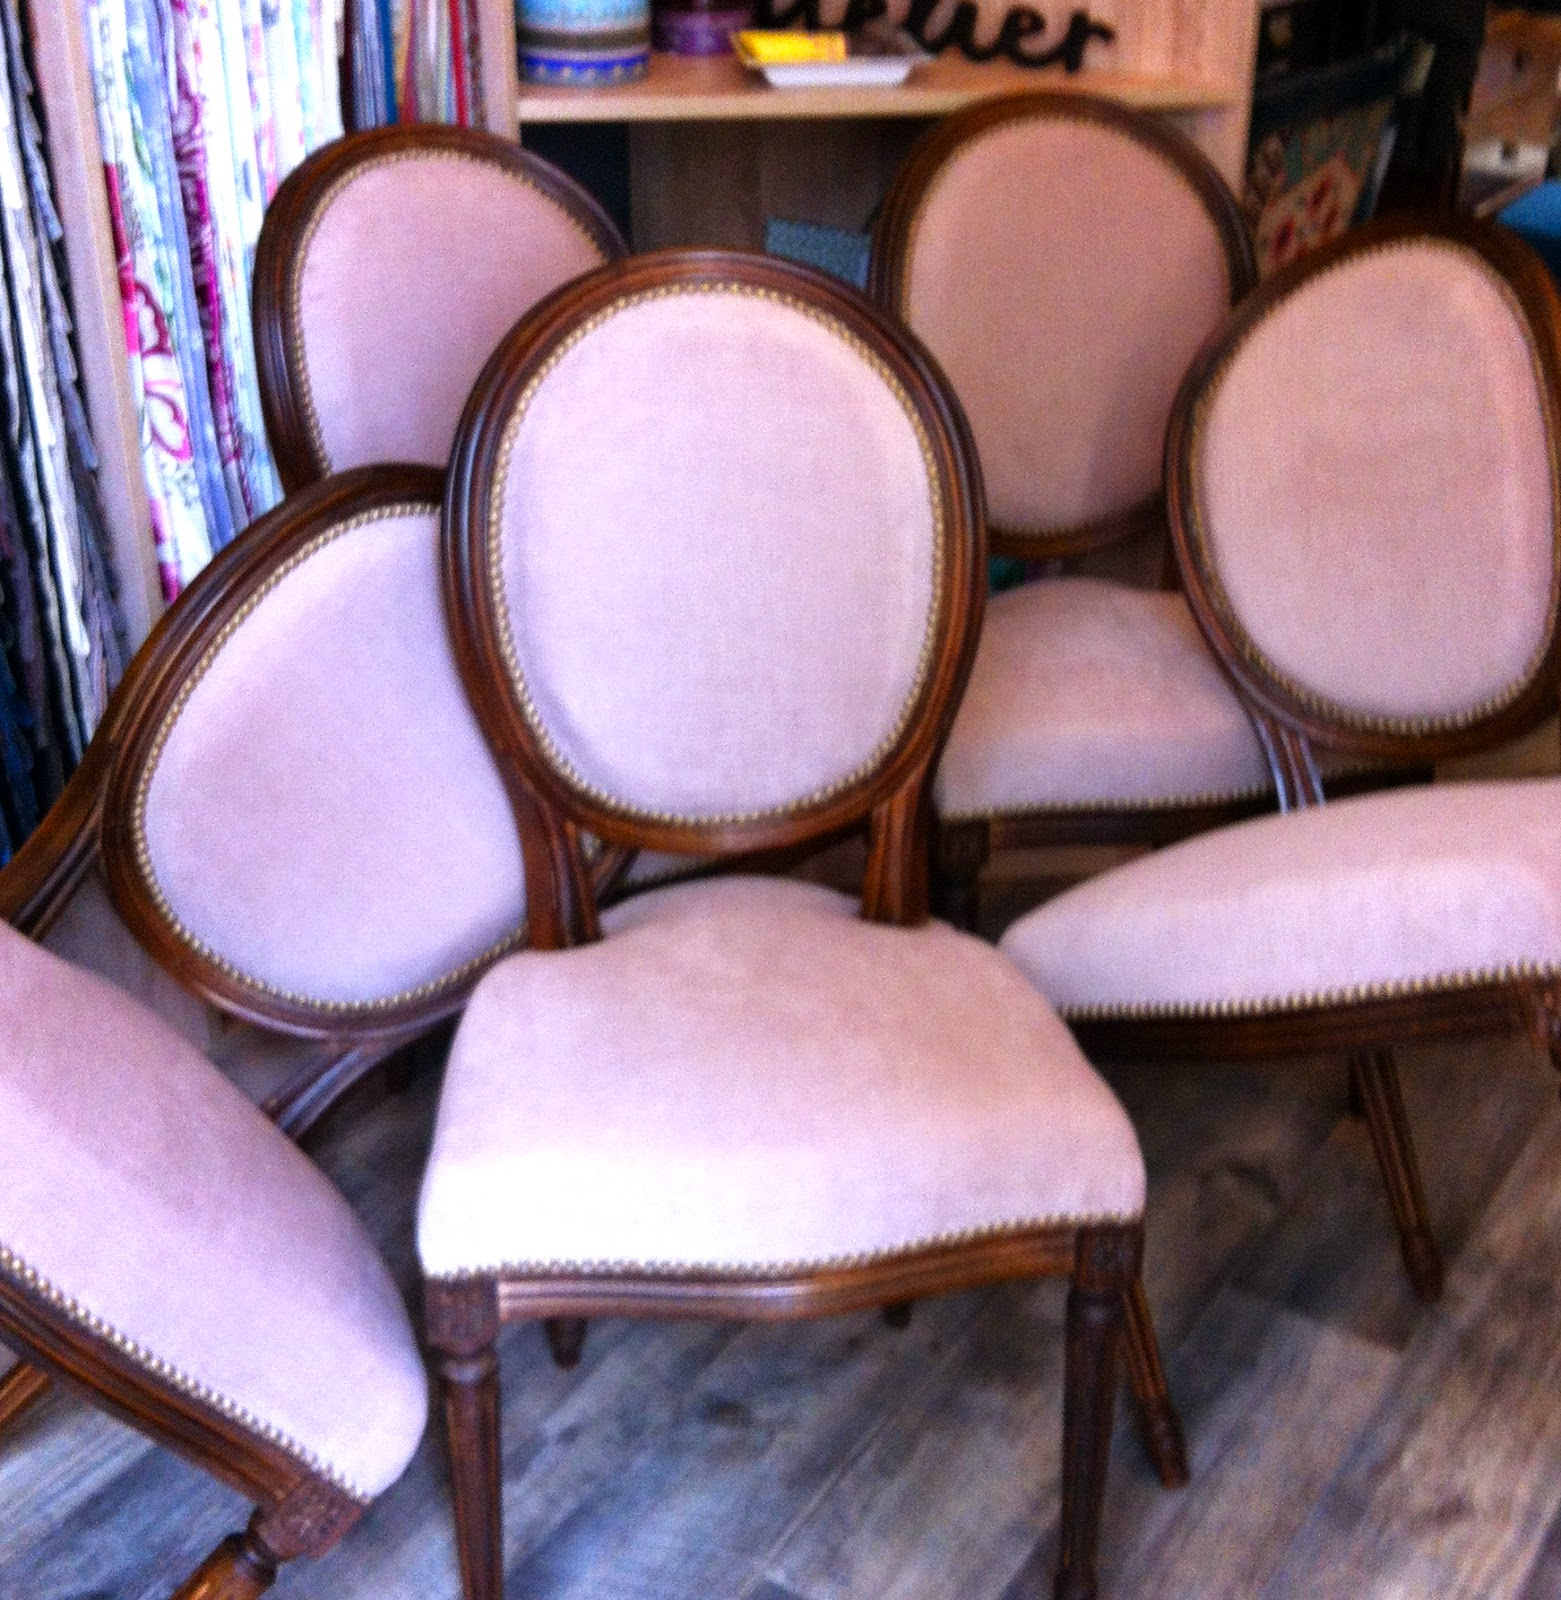 atelier anne lavit artisan tapissier d corateur 69007 lyon chaises style louis xvi. Black Bedroom Furniture Sets. Home Design Ideas